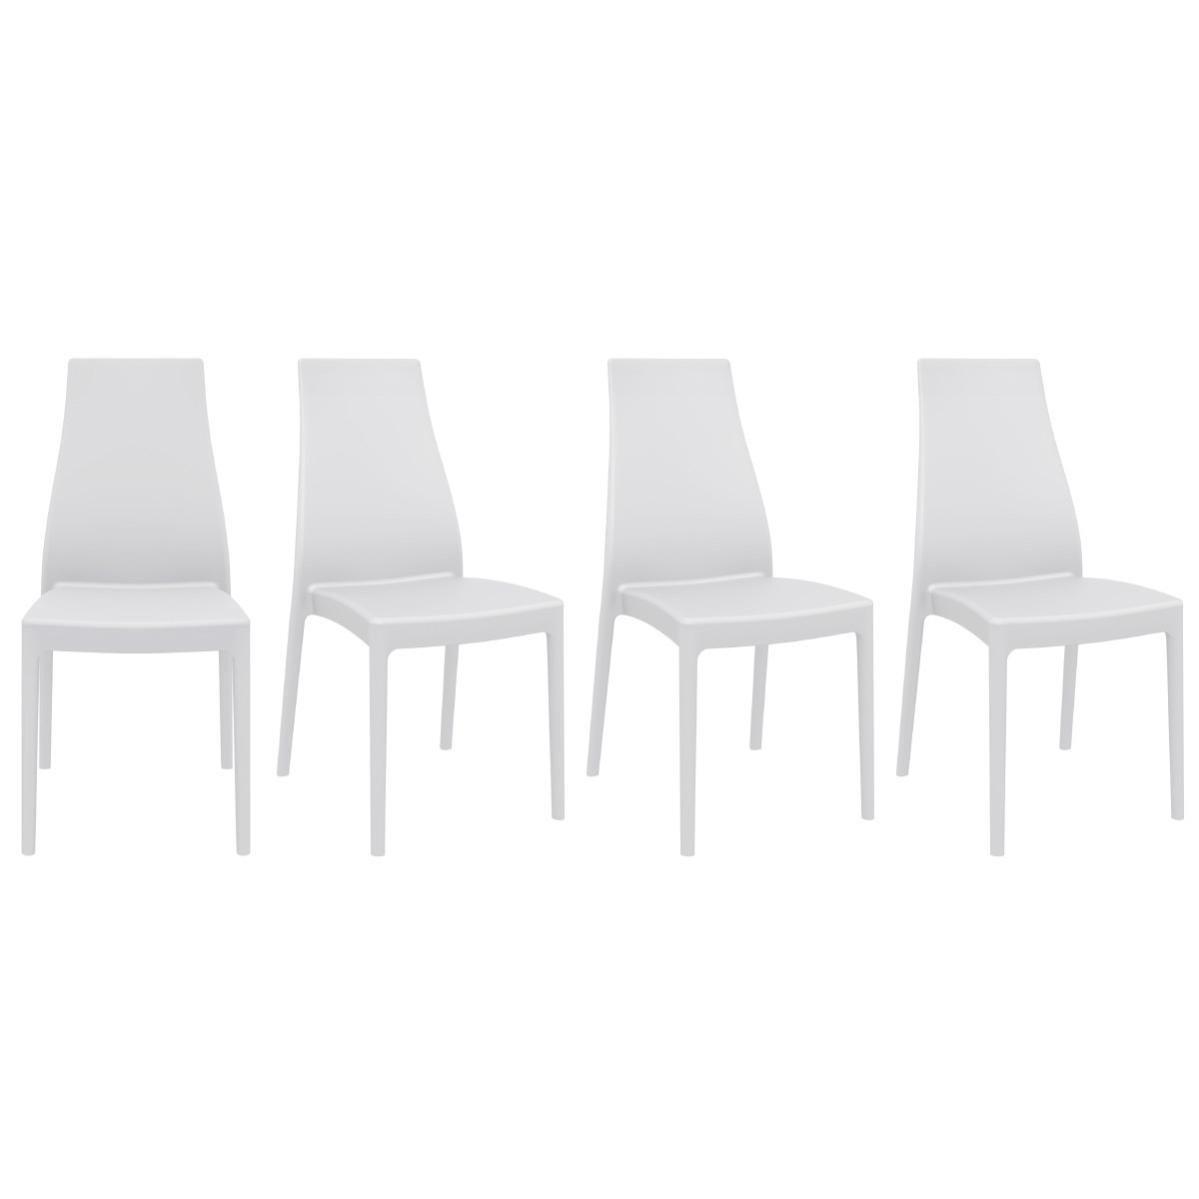 Chaises Design Empilables Intérieur Extérieur Blanches (lot De 4) Condor